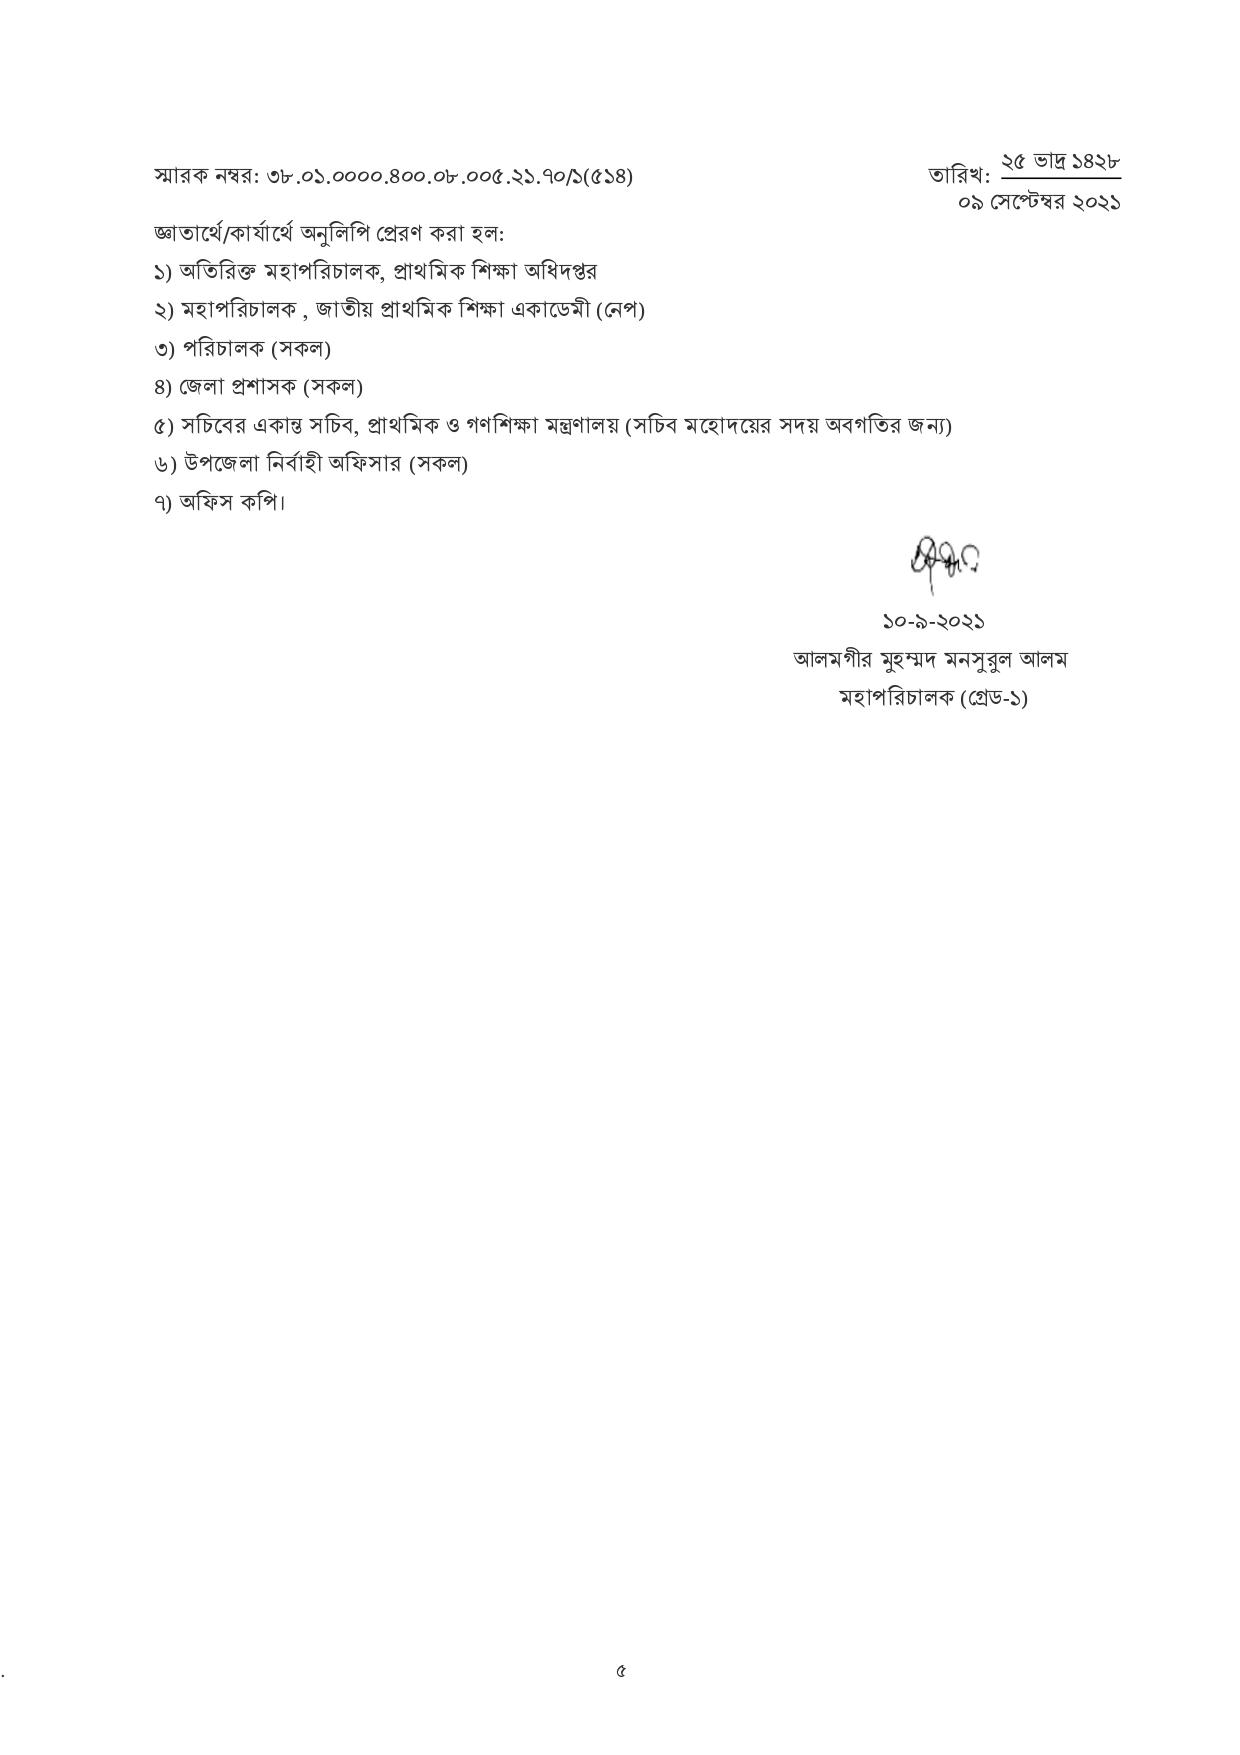 সরকারি প্রাথমিক বিদ্যালয় পাঠদান কার্যক্রম পুনঃ চালুকরণ ব্যবস্থাপনা নির্দেশনা।